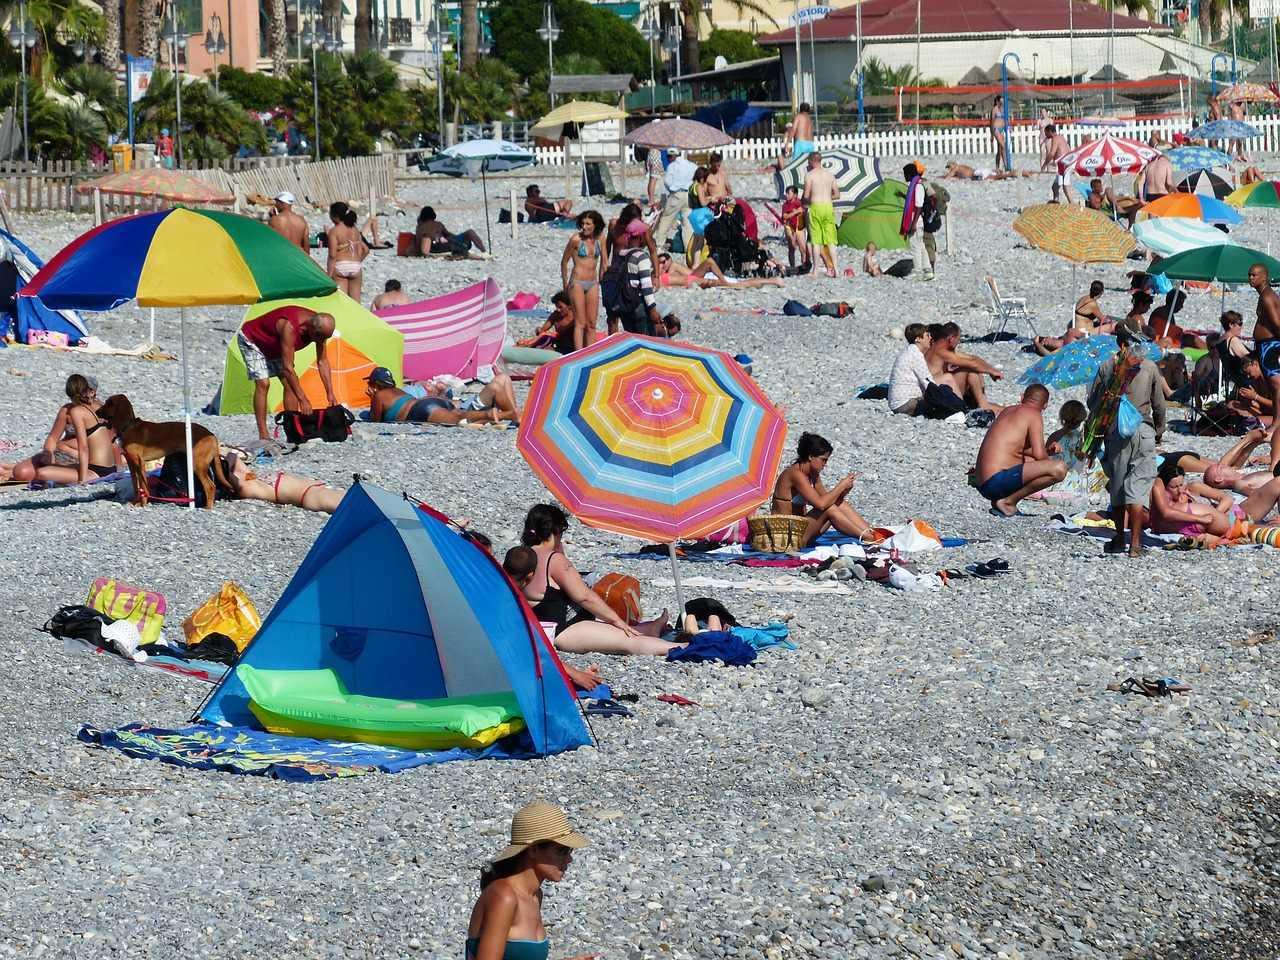 plajda güneşlenen turistler